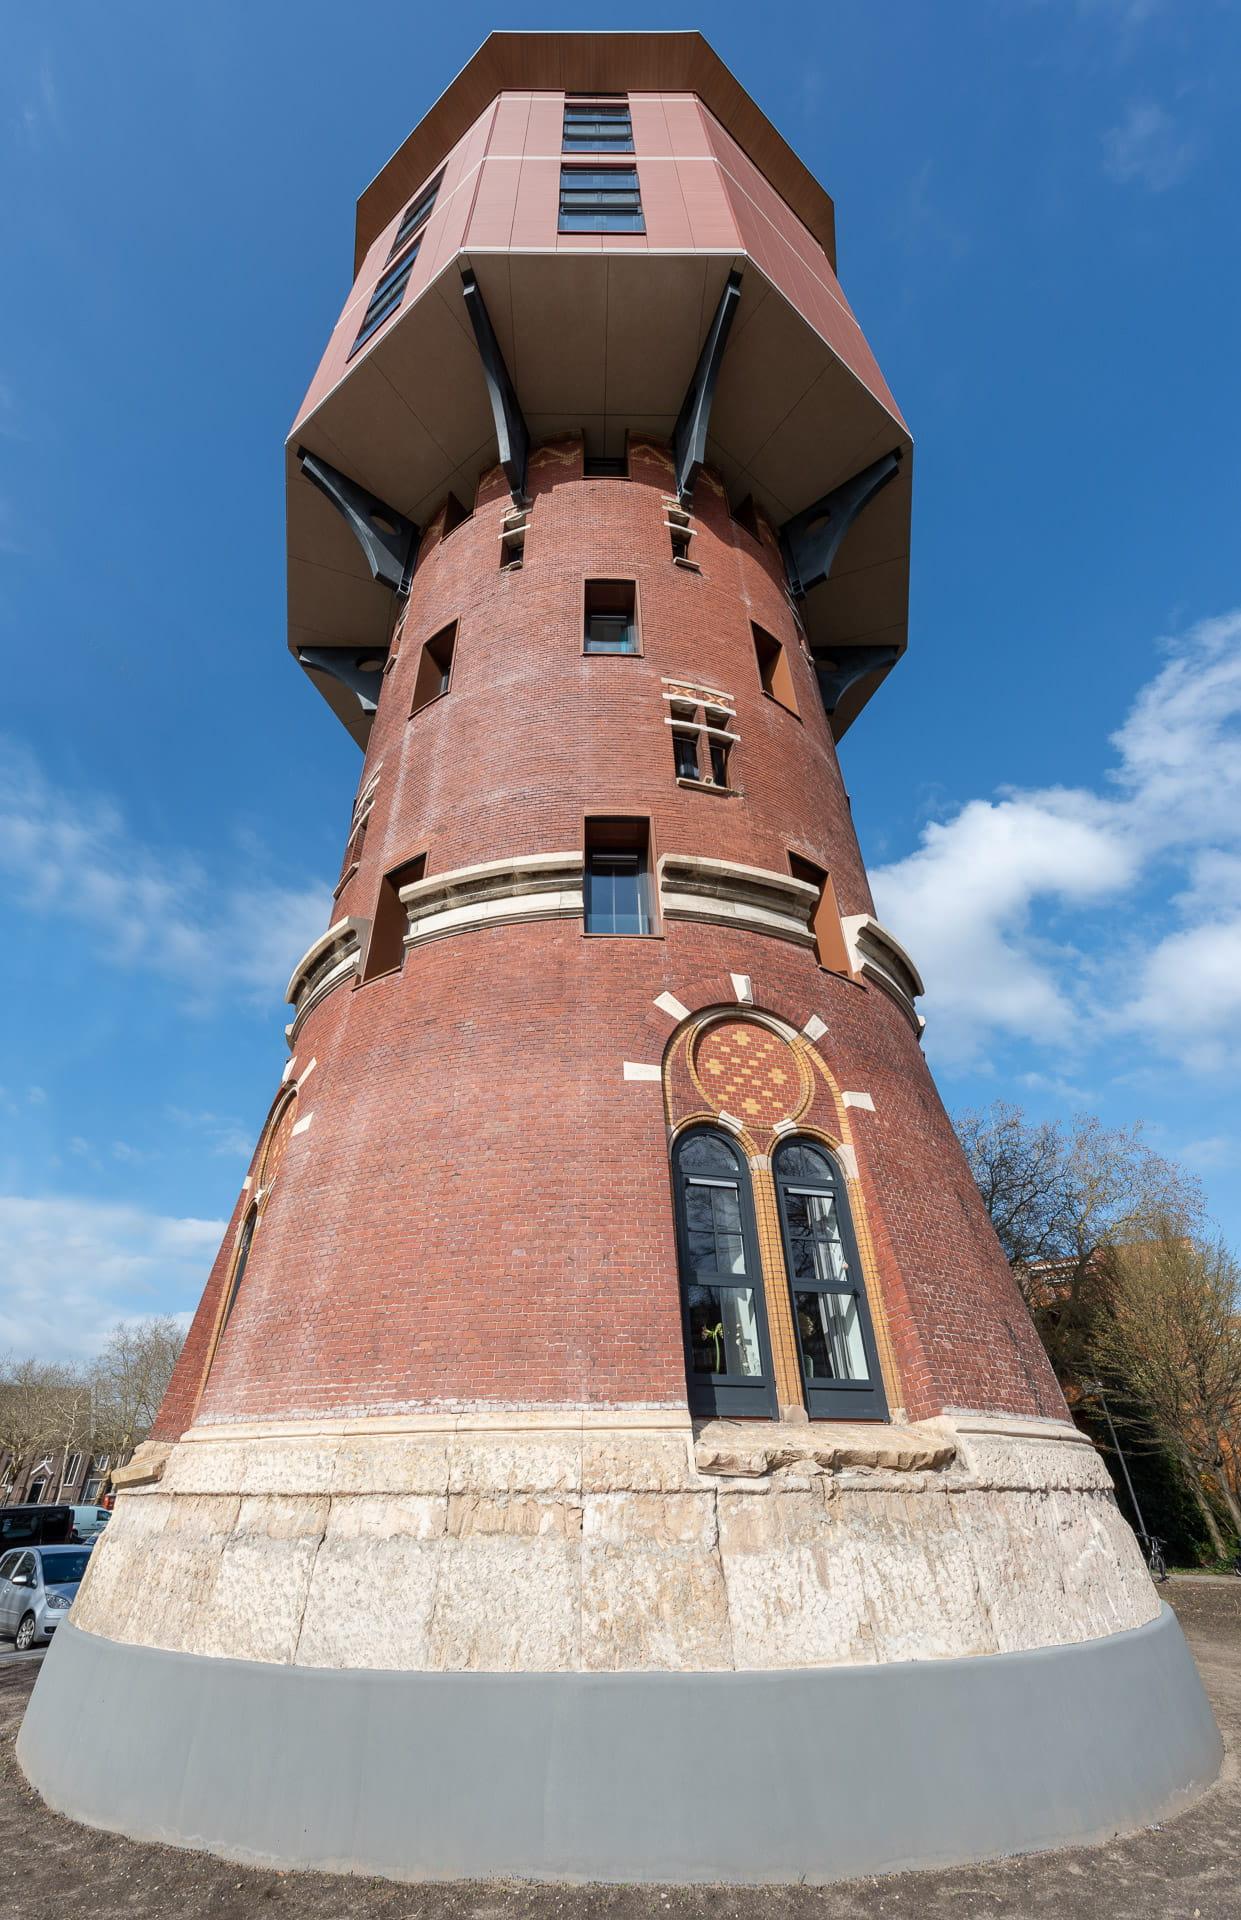 Zwolse Watertoren van onderen gefotografeerd met een blauwe lucht